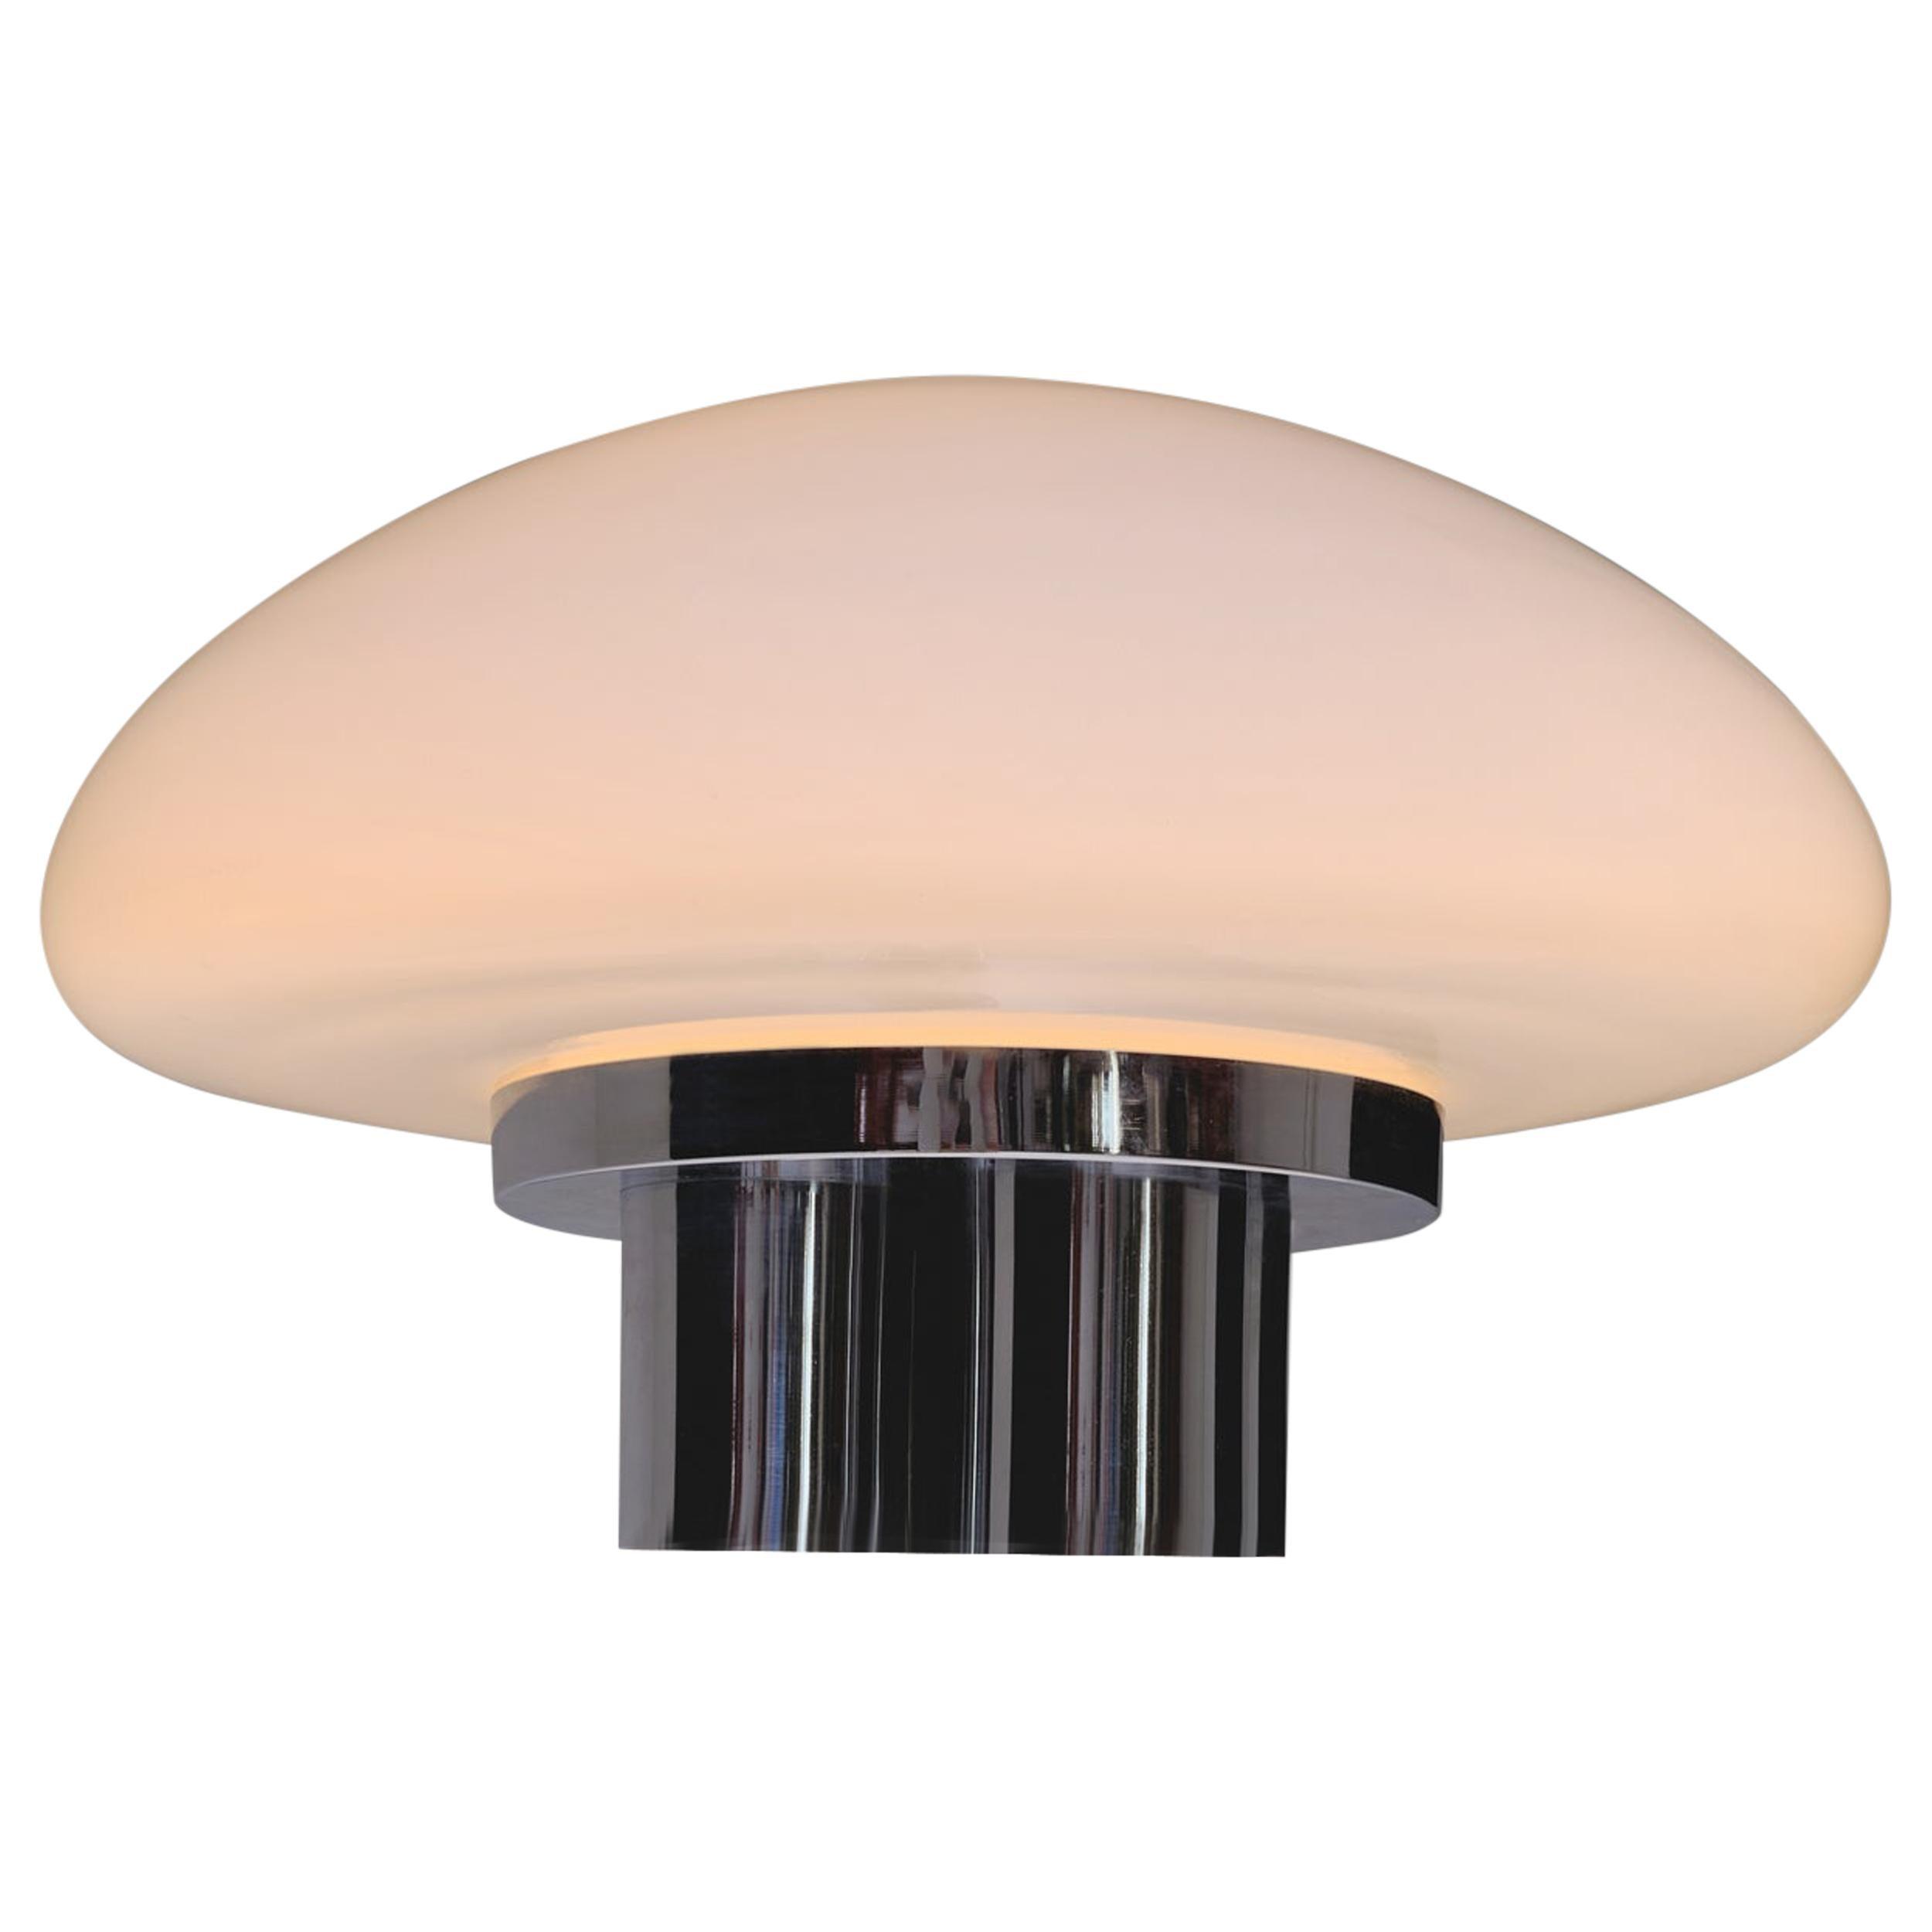 Magnolia Lamp by Sergio Mazza & Giuliana Gramigna for Quattrifolio